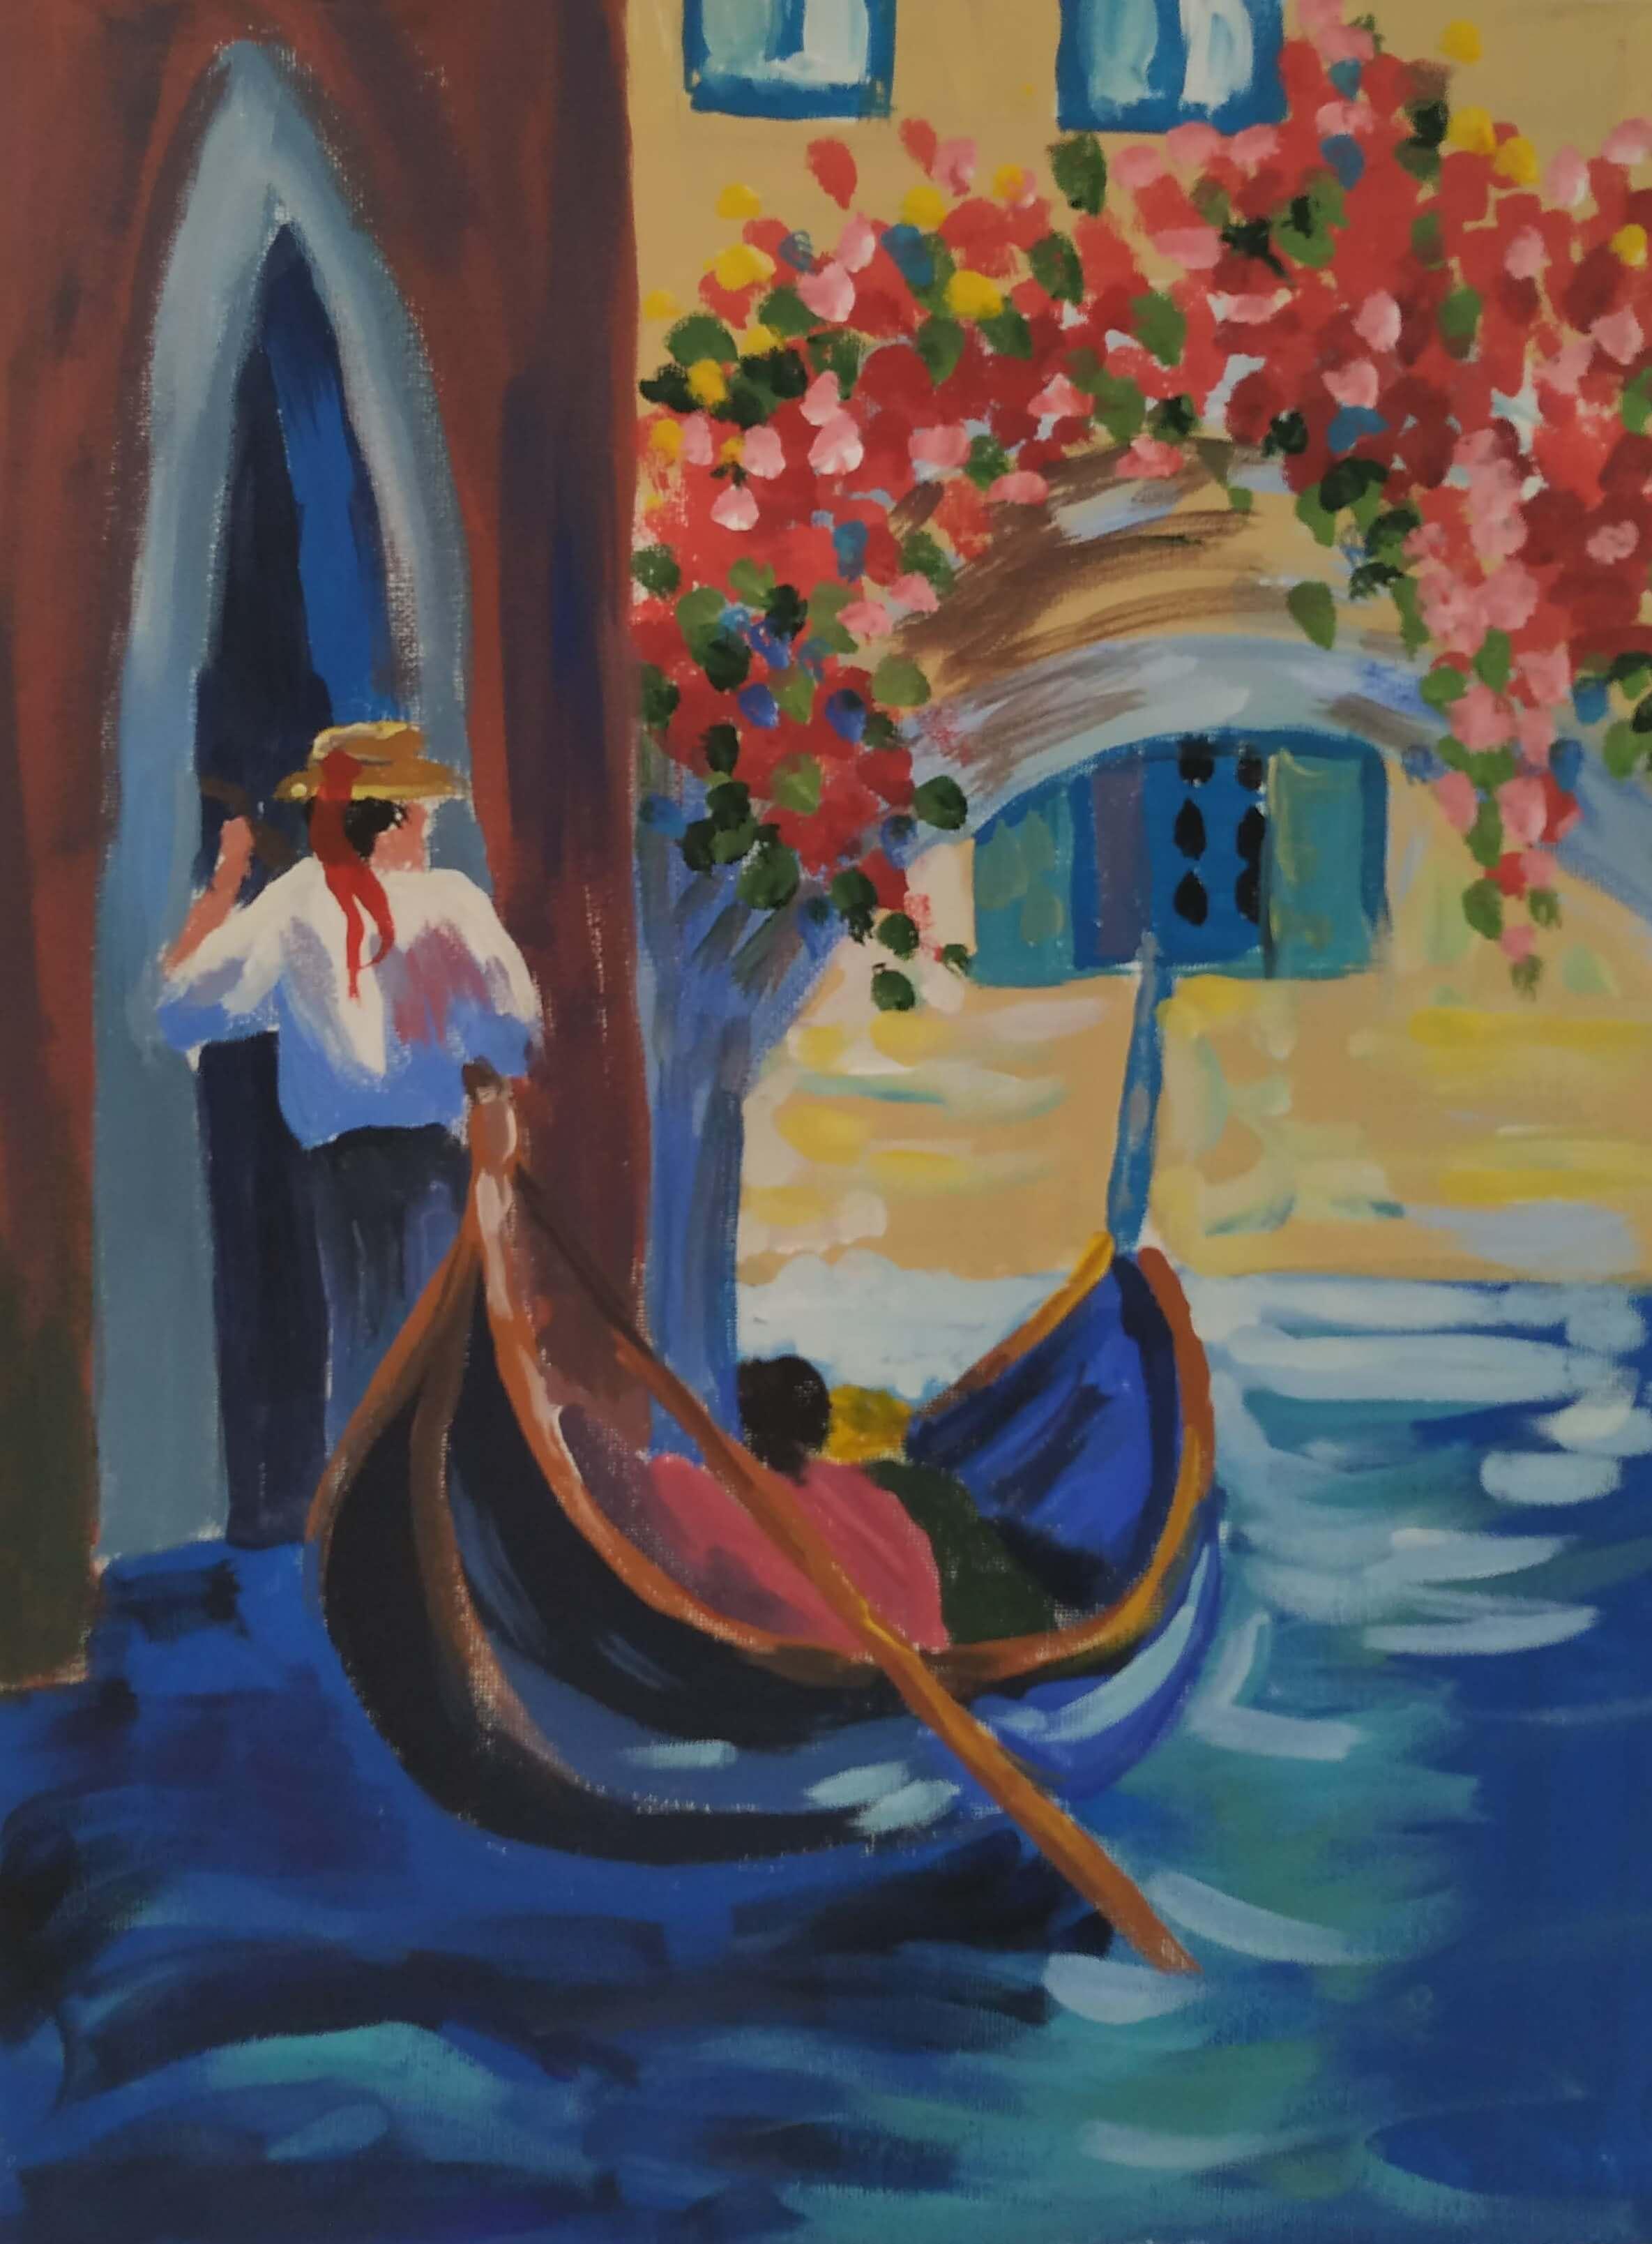 """Релаксиране с чаша вино и рисуване на репродукция по картината """"Романтика във Венеция"""" – 06.11.2019 г."""